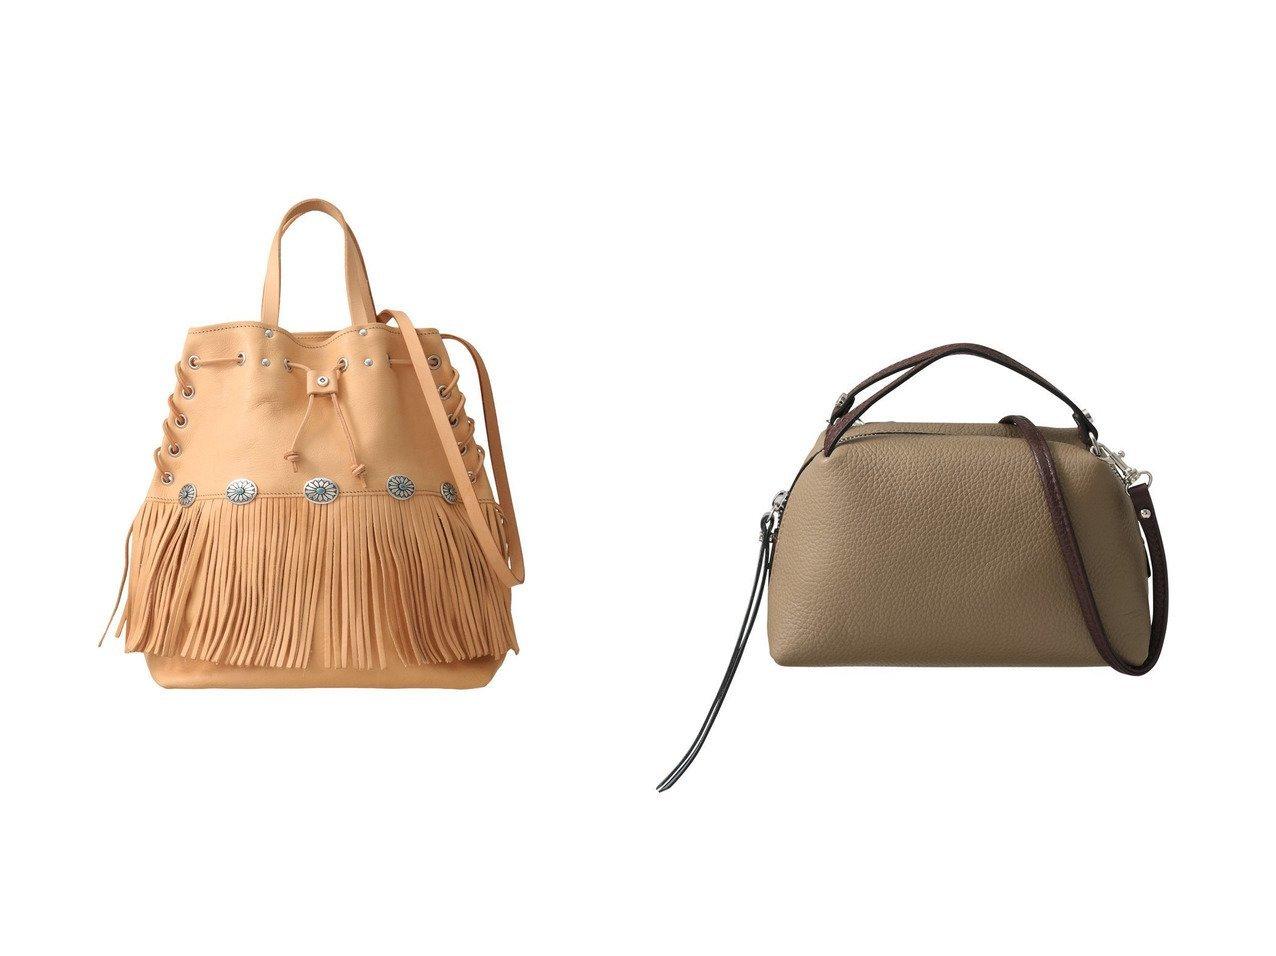 【heliopole/エリオポール】の【GIANNI CHIARINI】ALIFA-MINI ミニショルダーバッグ&【Whim Gazette/ウィムガゼット】の【RUST MOOD】レザーフリンジバッグ1 【バッグ・鞄】おすすめ!人気、トレンド・レディースファッションの通販 おすすめで人気の流行・トレンド、ファッションの通販商品 インテリア・家具・メンズファッション・キッズファッション・レディースファッション・服の通販 founy(ファニー) https://founy.com/ ファッション Fashion レディースファッション WOMEN バッグ Bag なめらか ショルダー ハンドバッグ フロント フォルム  ID:crp329100000055104